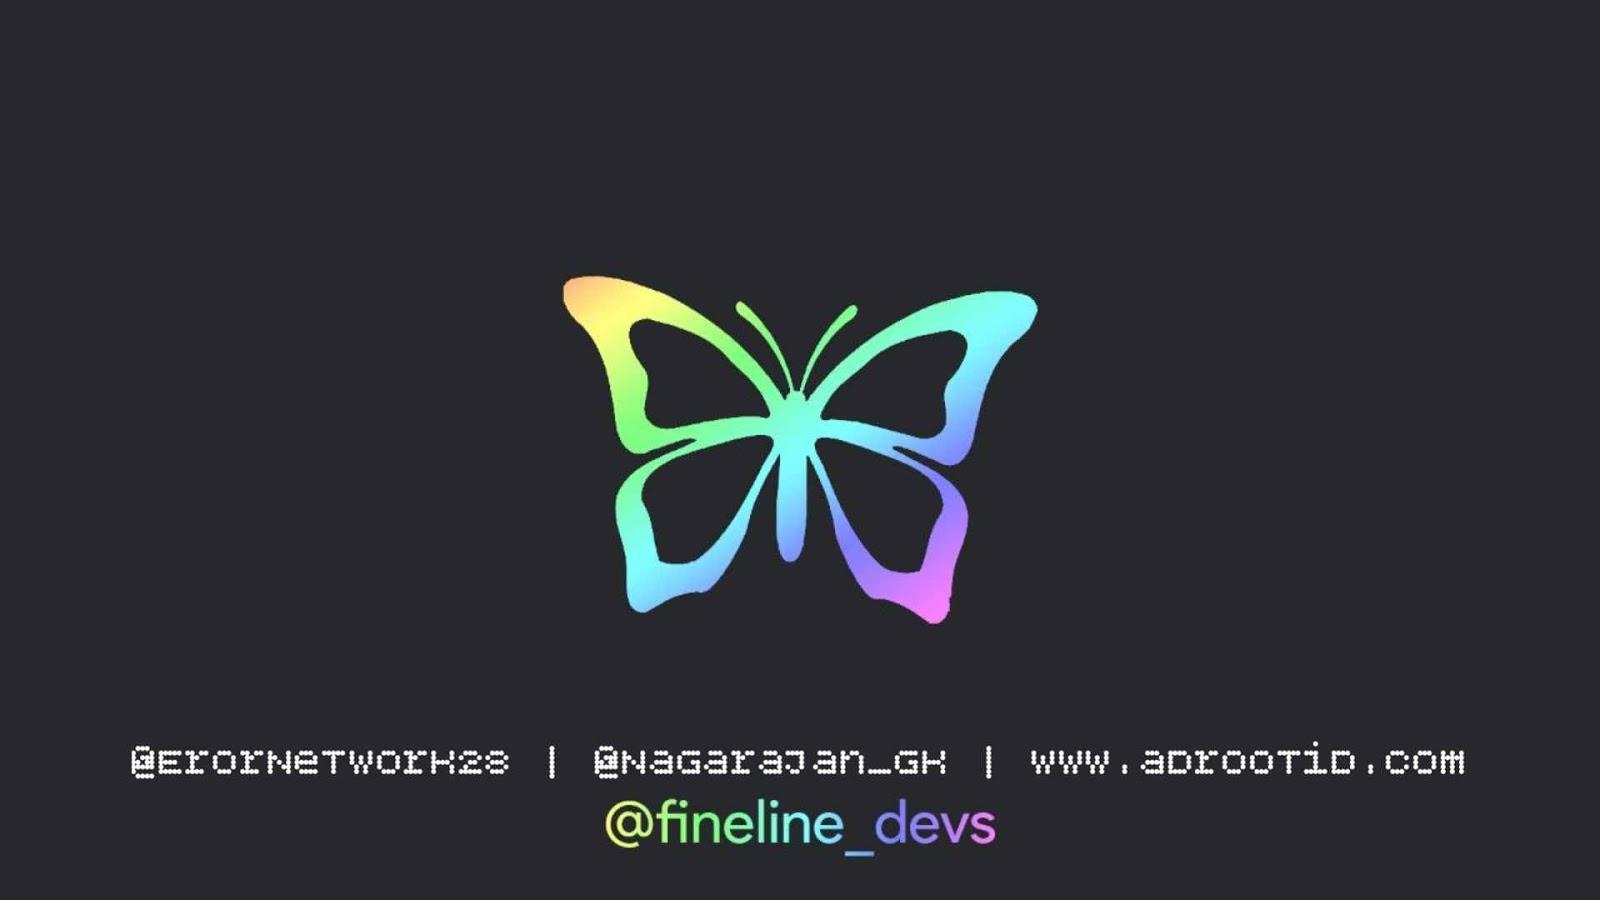 Kernel butterfly